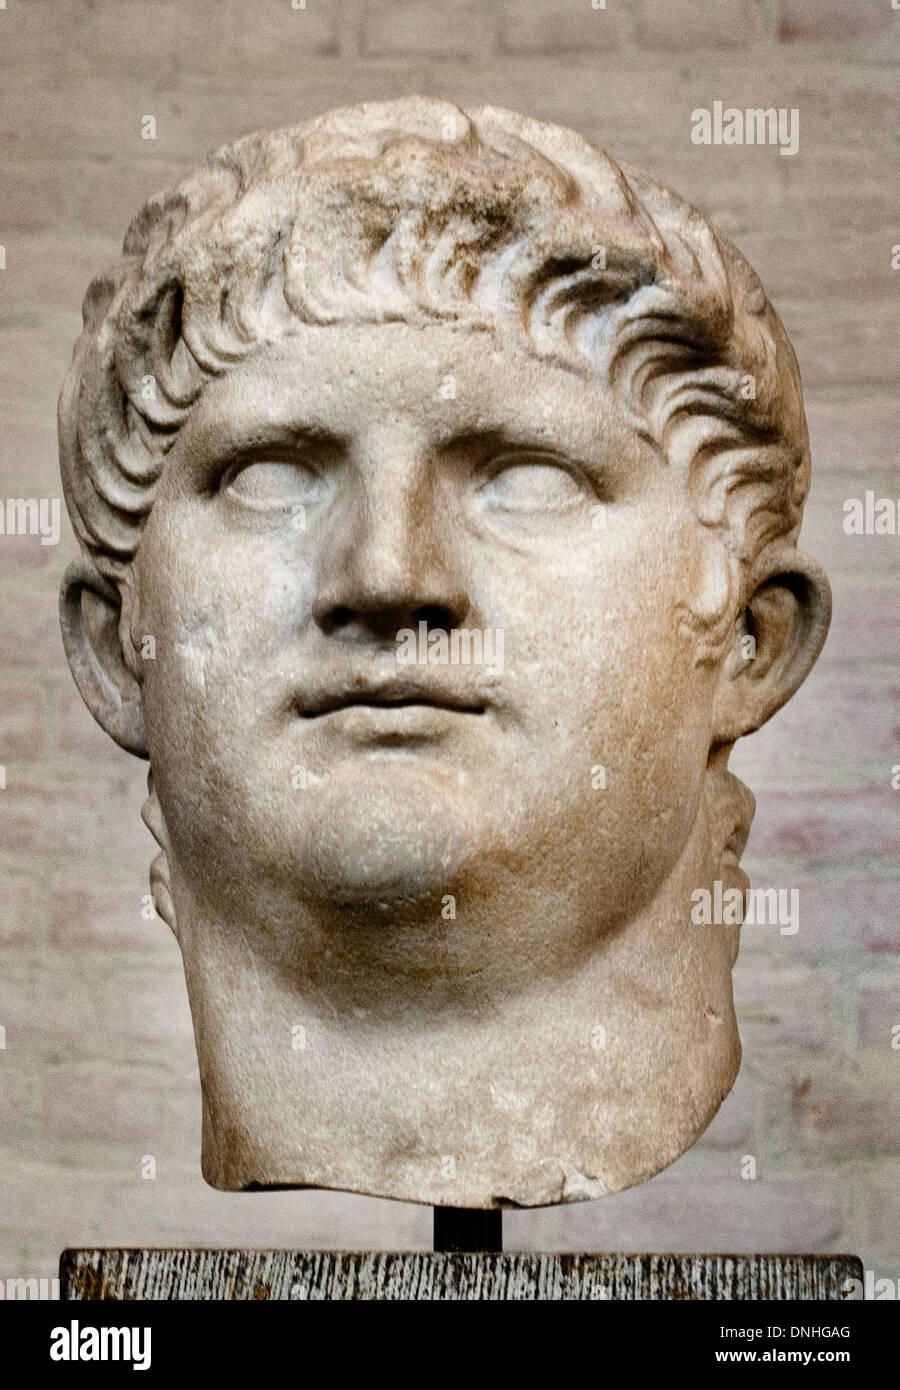 nero claudius caesar augustus germanicus biography